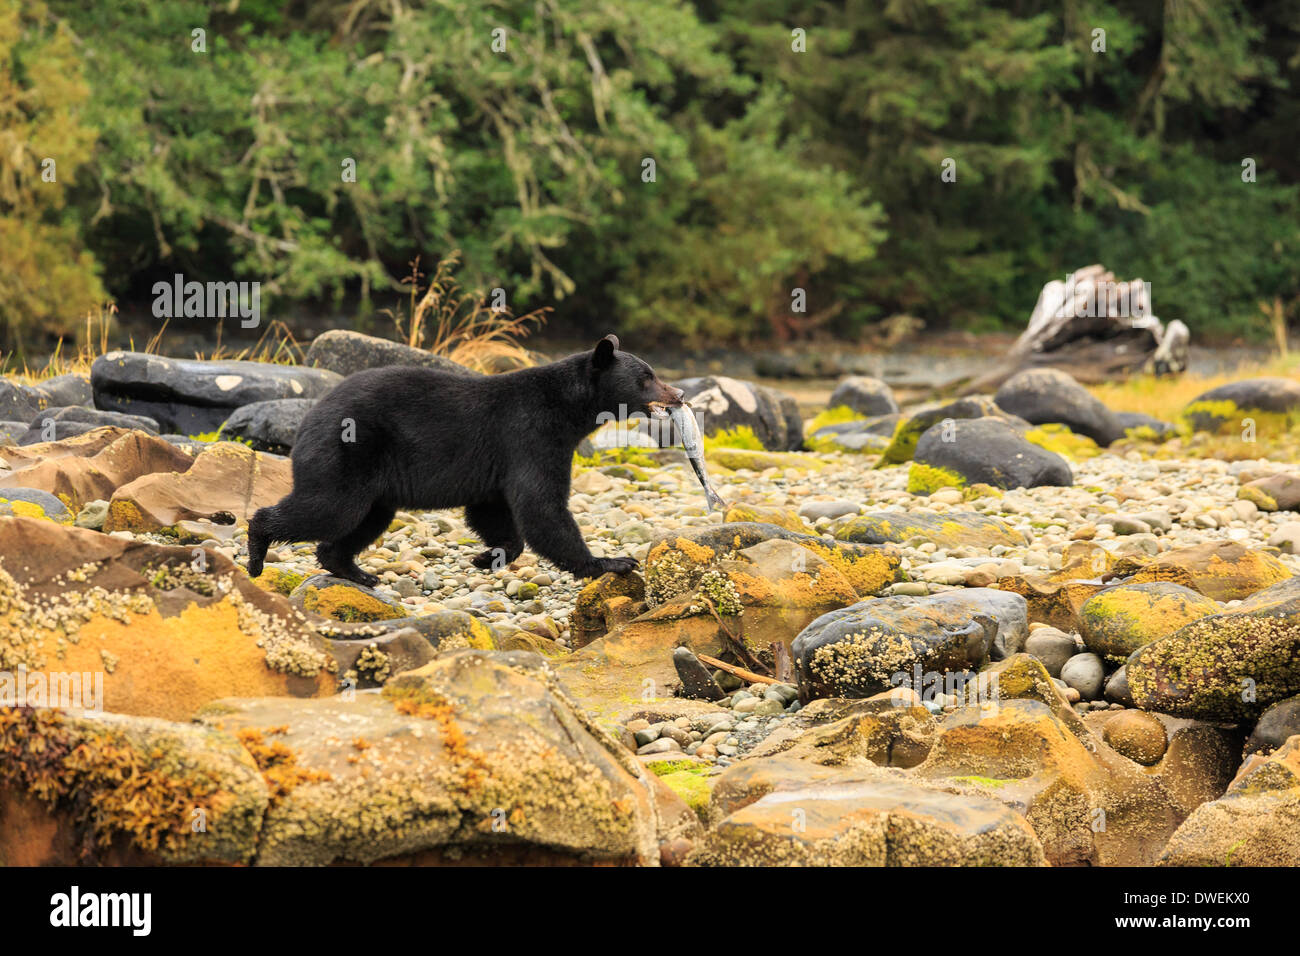 Un oso negro lleva su pescado recién capturado a lo largo de la playa costera en la isla de Vancouver. Imagen De Stock